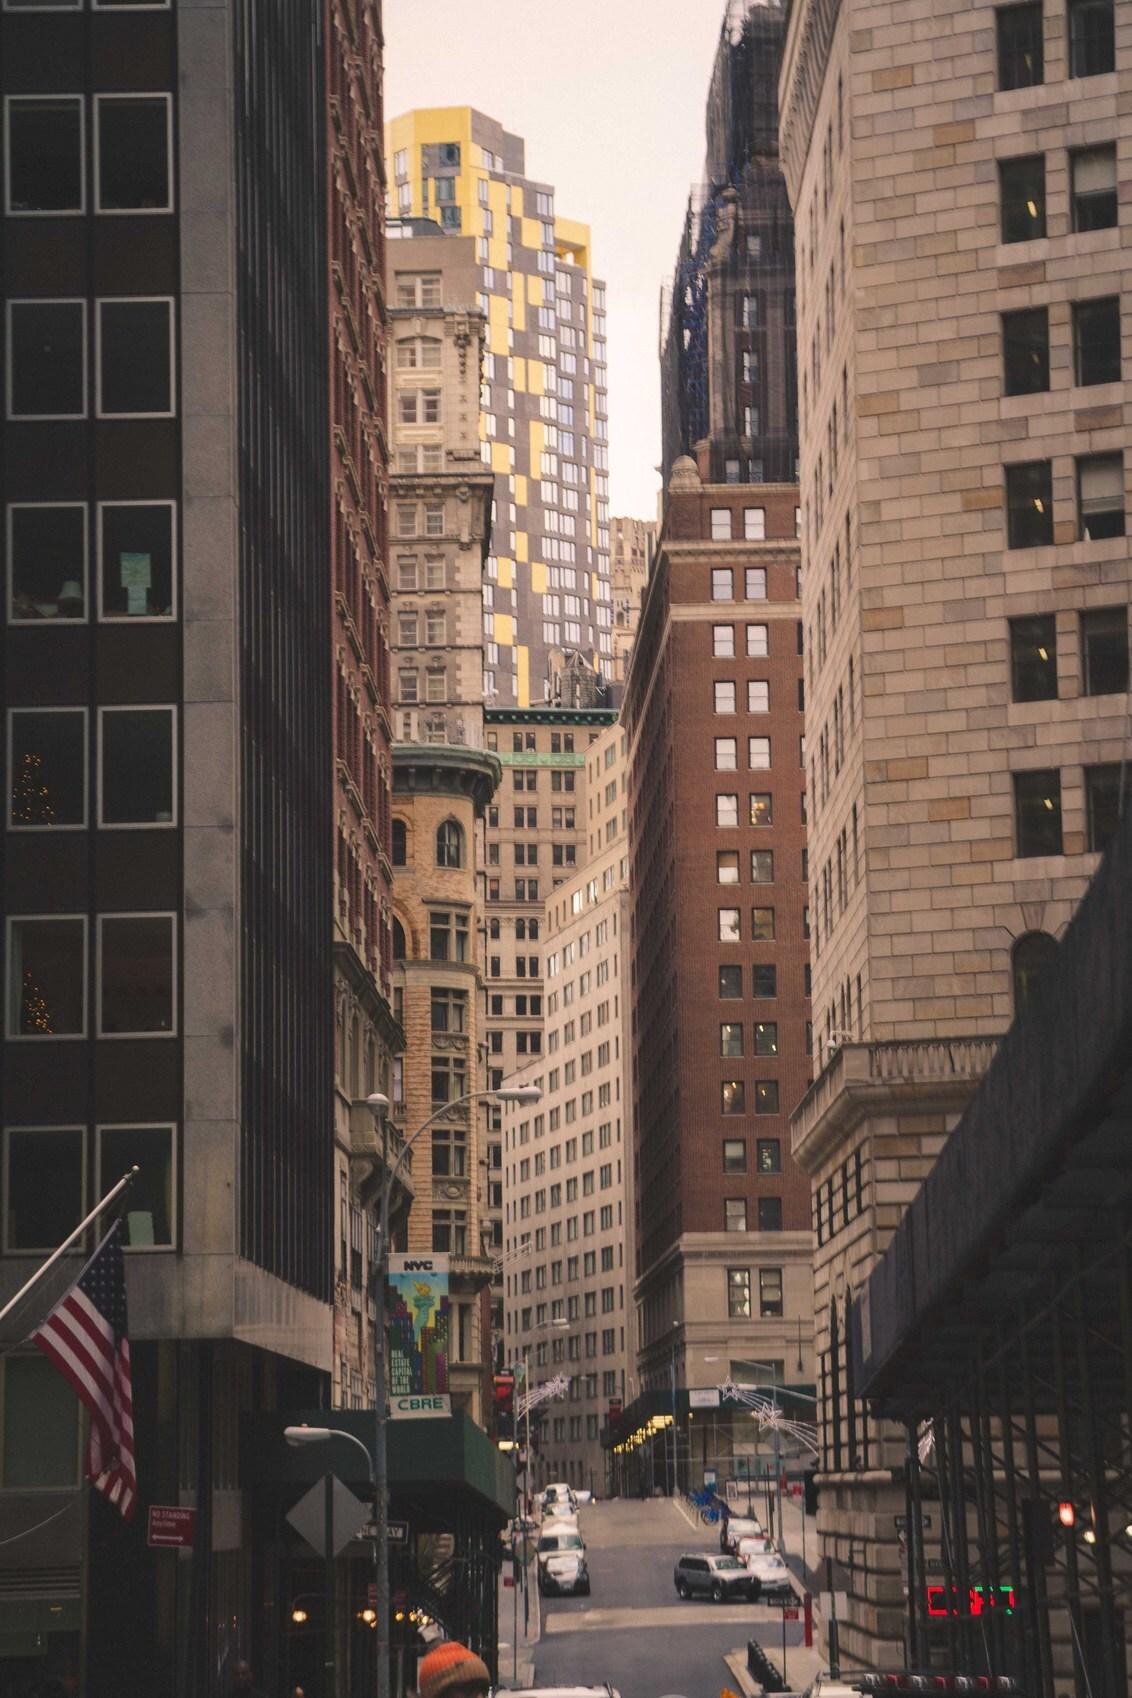 """Layers - Een deel van Manhattan met hele mooie """"lagen"""" van gebouwen - foto door lk123456789 op 08-02-2015 - deze foto bevat: gebouwen, gebouw, manhattan, lagen, layers, New York, hooghuis, hooghuizen"""